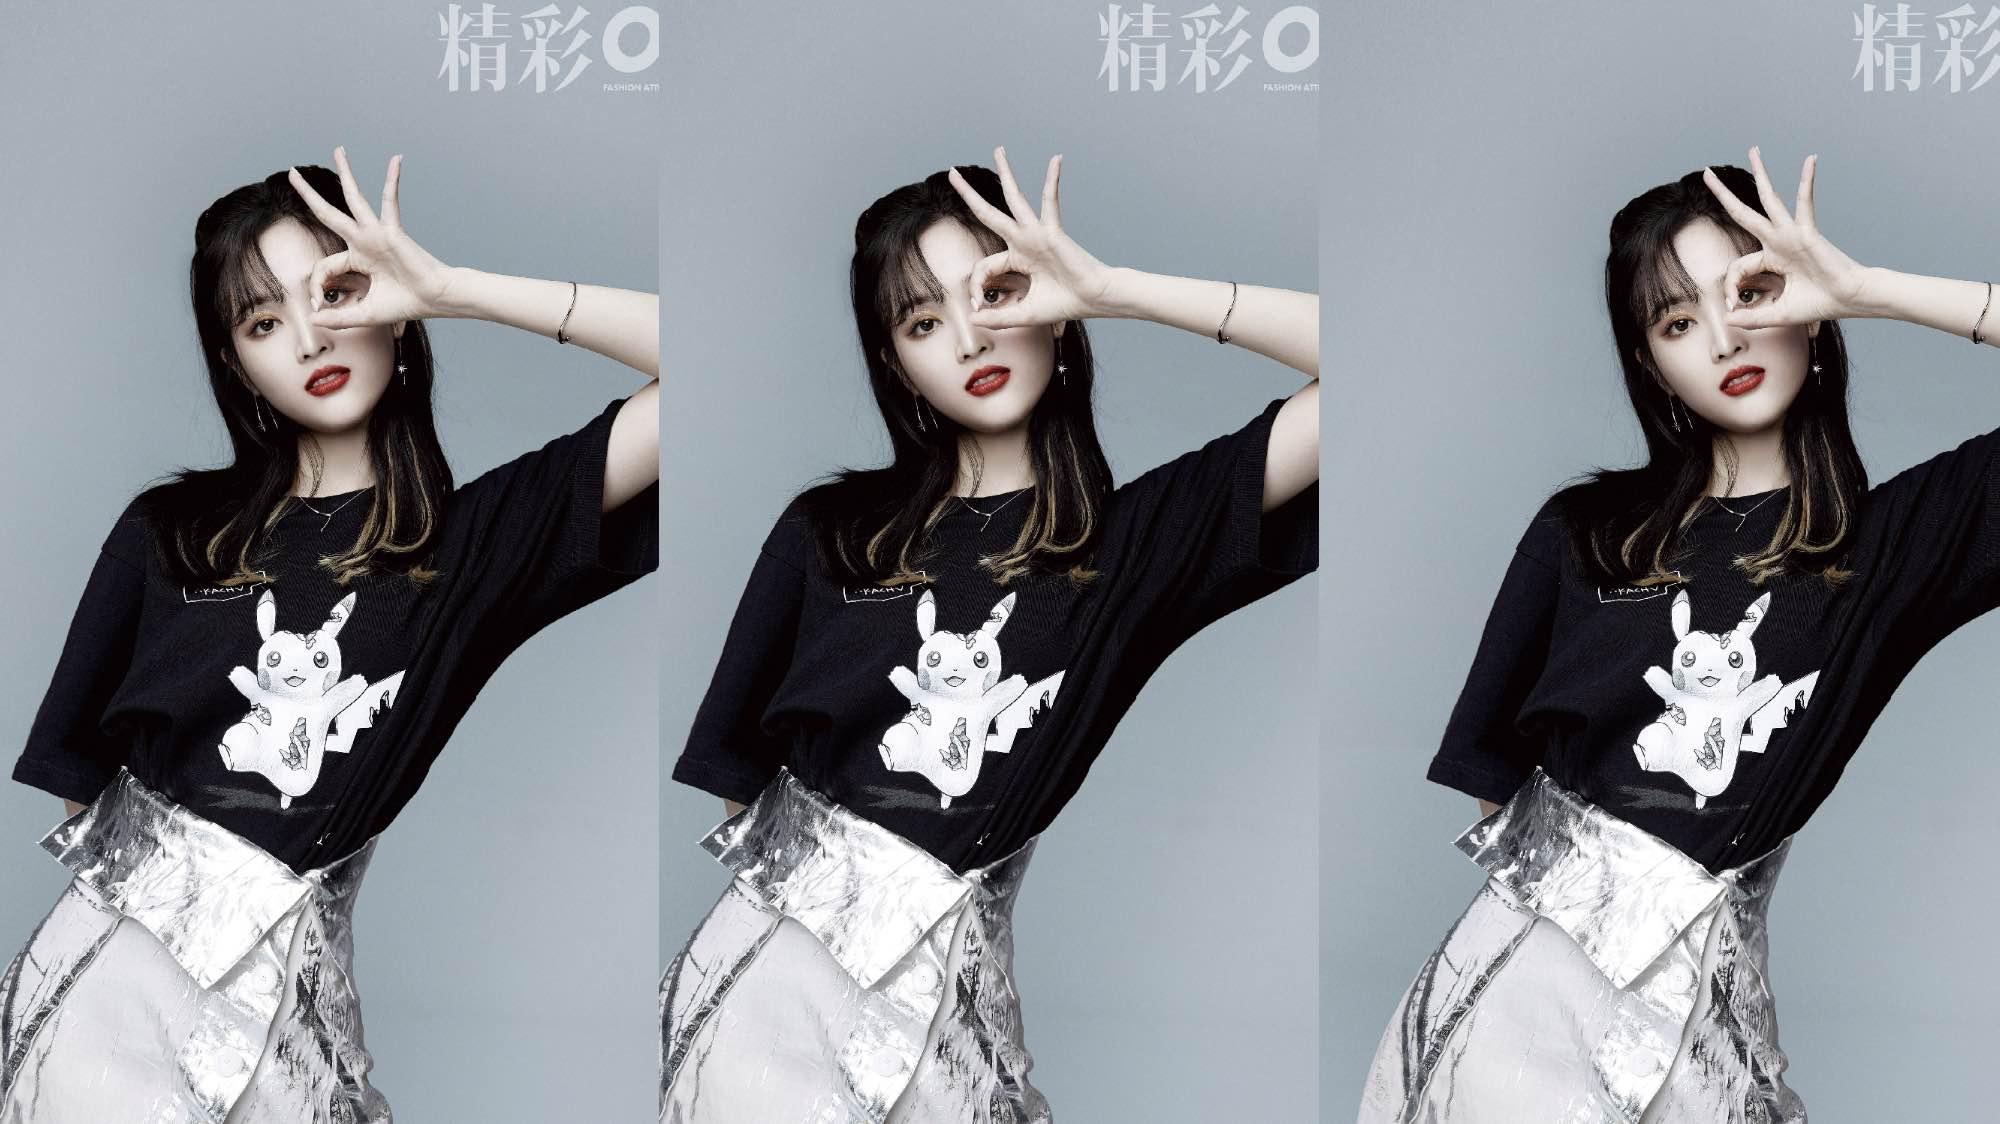 吴宣仪登《OK!精彩》封面 包揽实体刊销售记录TOP2